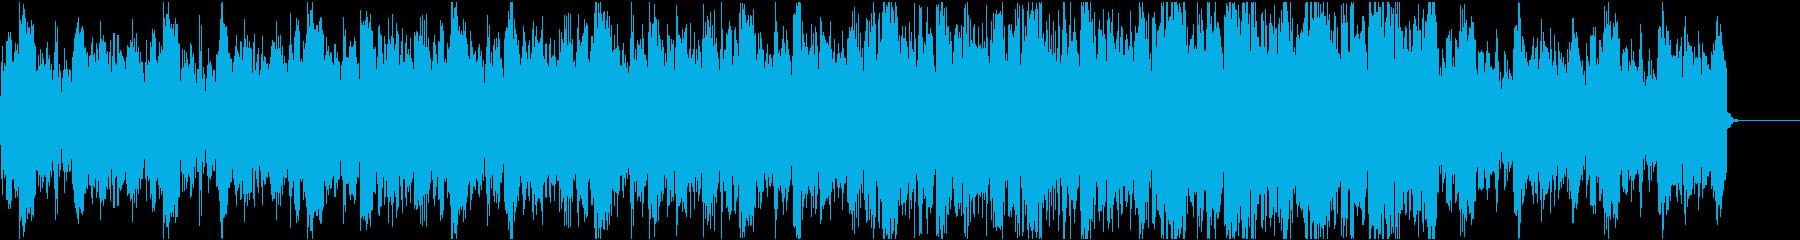 ニュース29 16bit48kHzVerの再生済みの波形